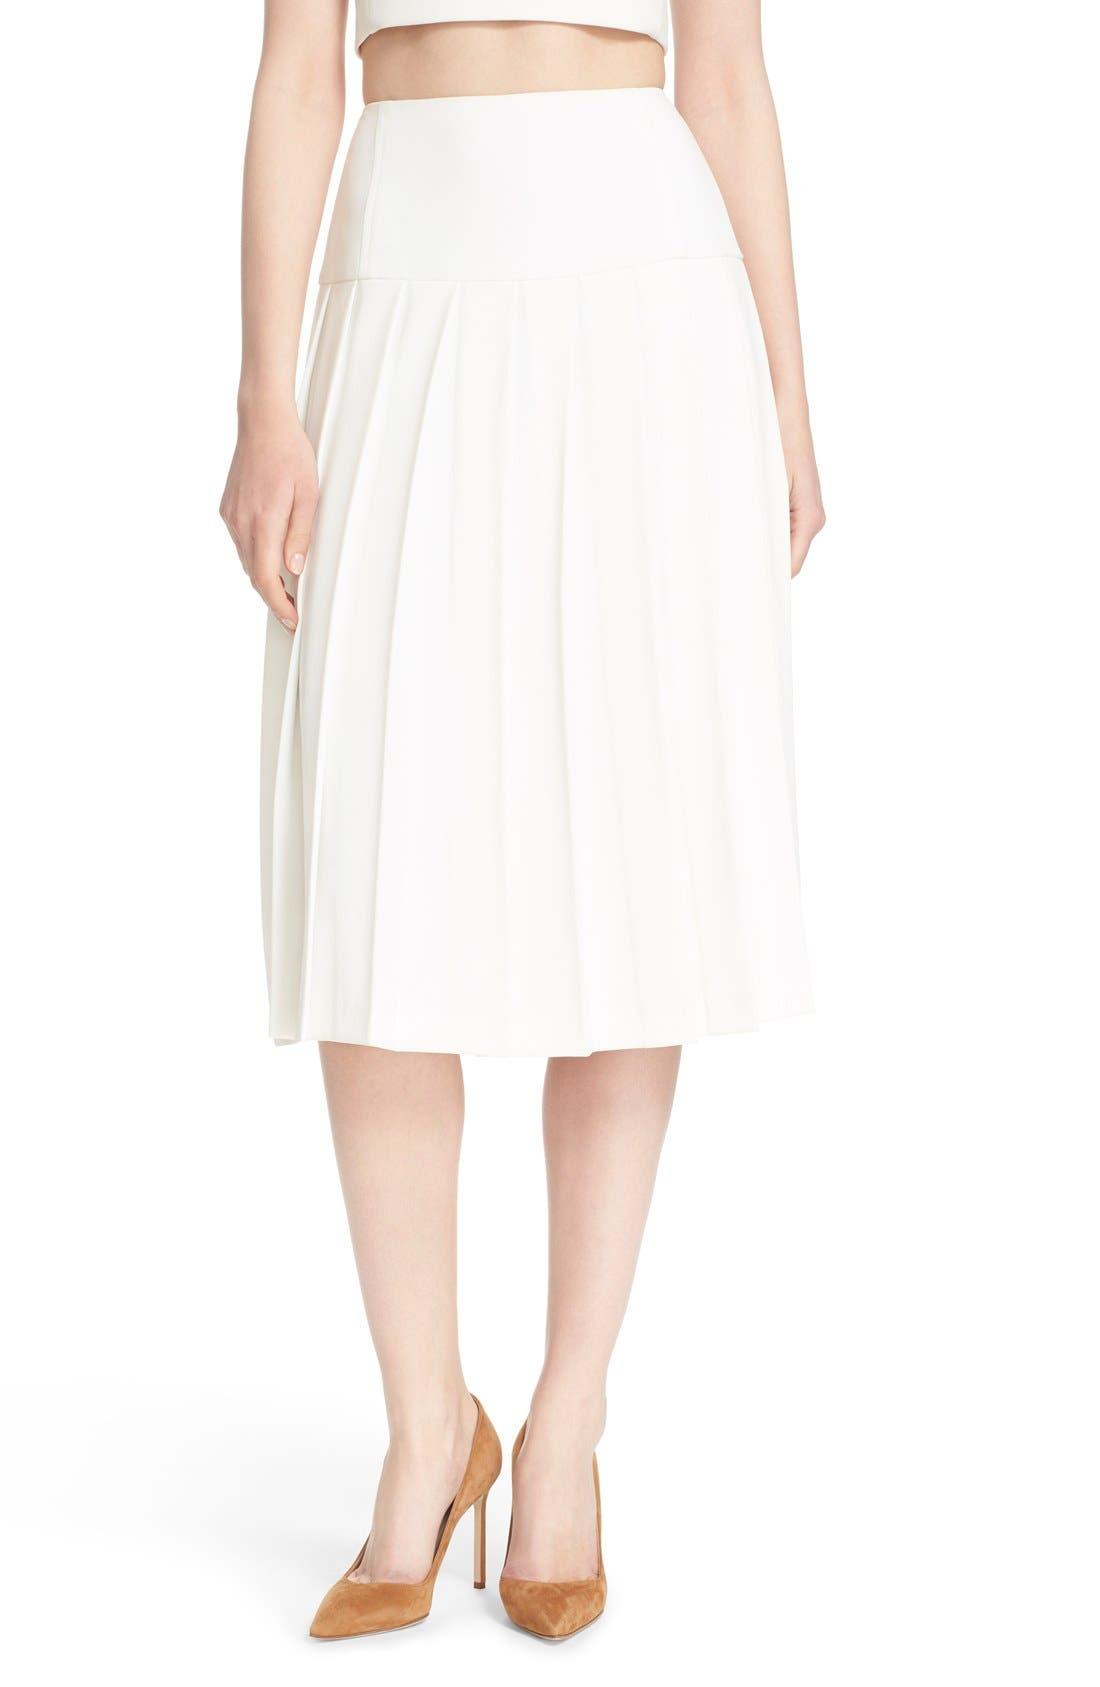 Alternate Image 1 Selected - Alice + Olivia 'Joann' Pleated Midi Skirt